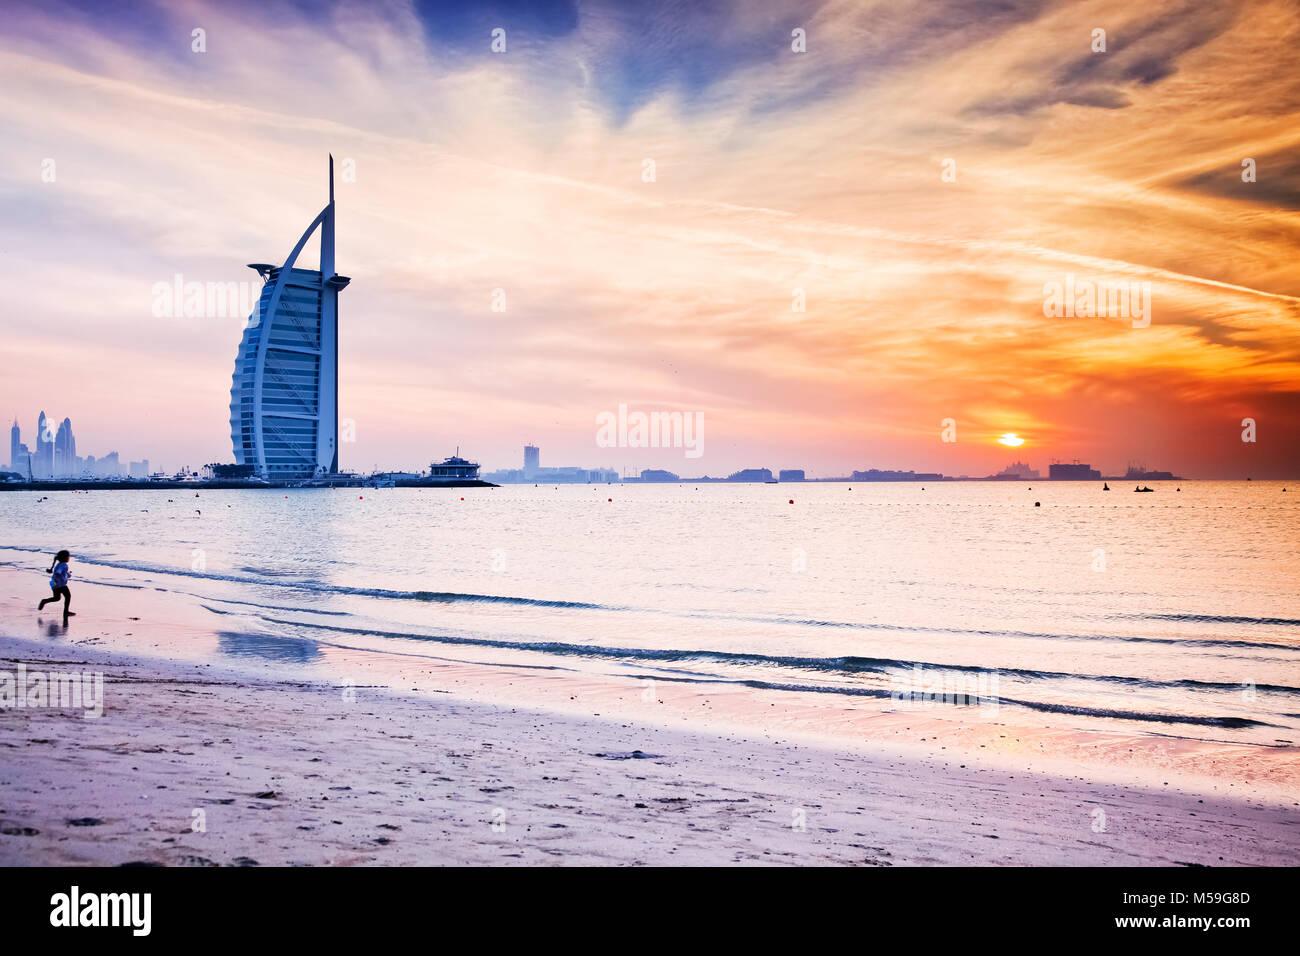 DUBAI, VAE - Februar 2018: Der weltweit erste 7-Sterne Luxushotel Burj Al Arab bei Sonnenuntergang von öffentlichen Stockbild